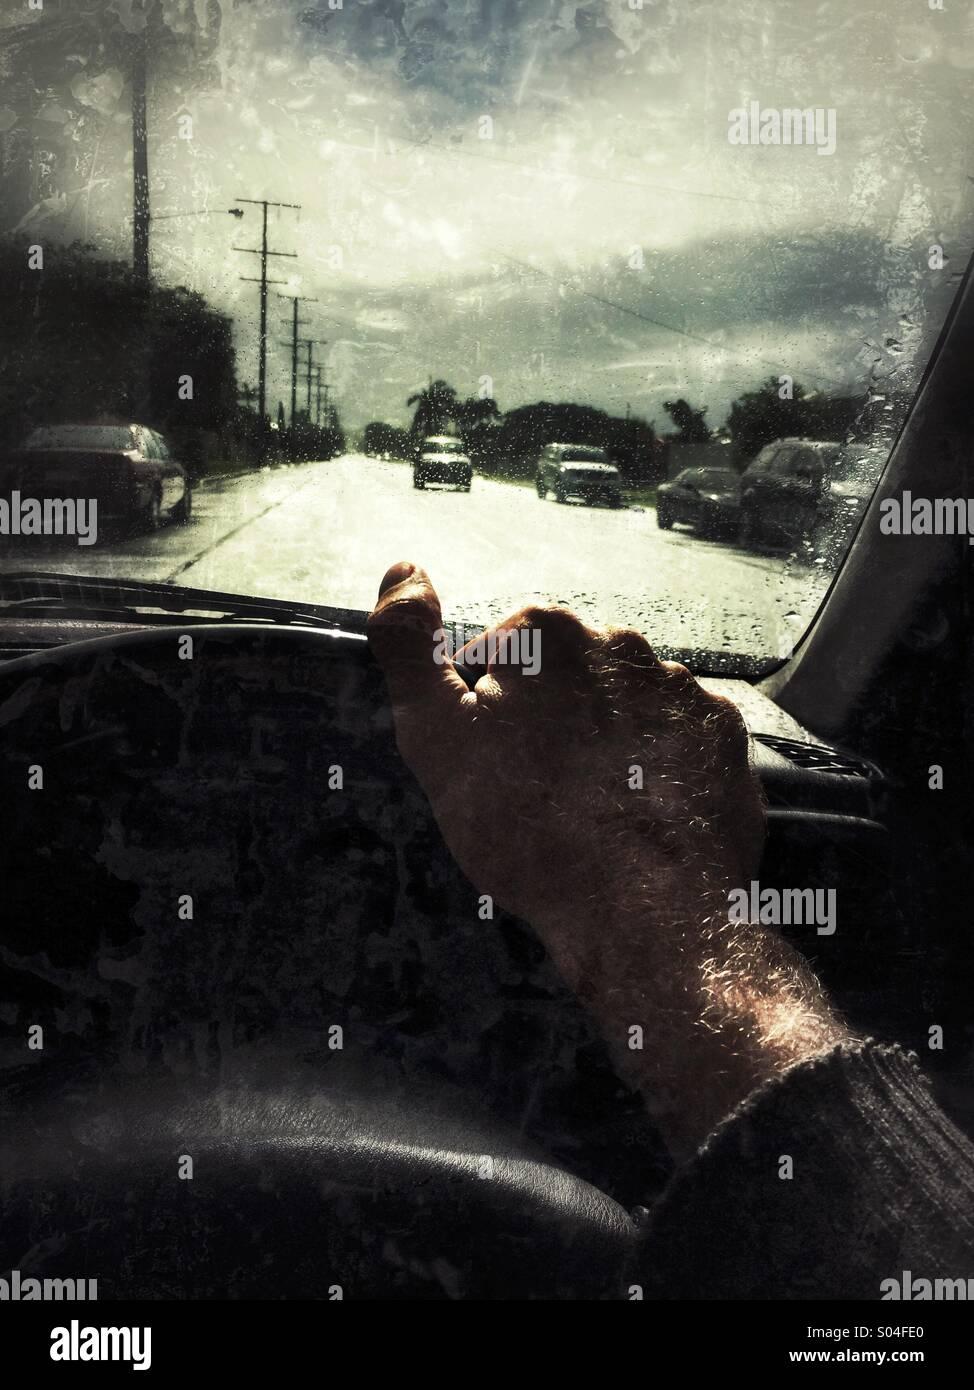 Punto de vista del conductor Imagen De Stock